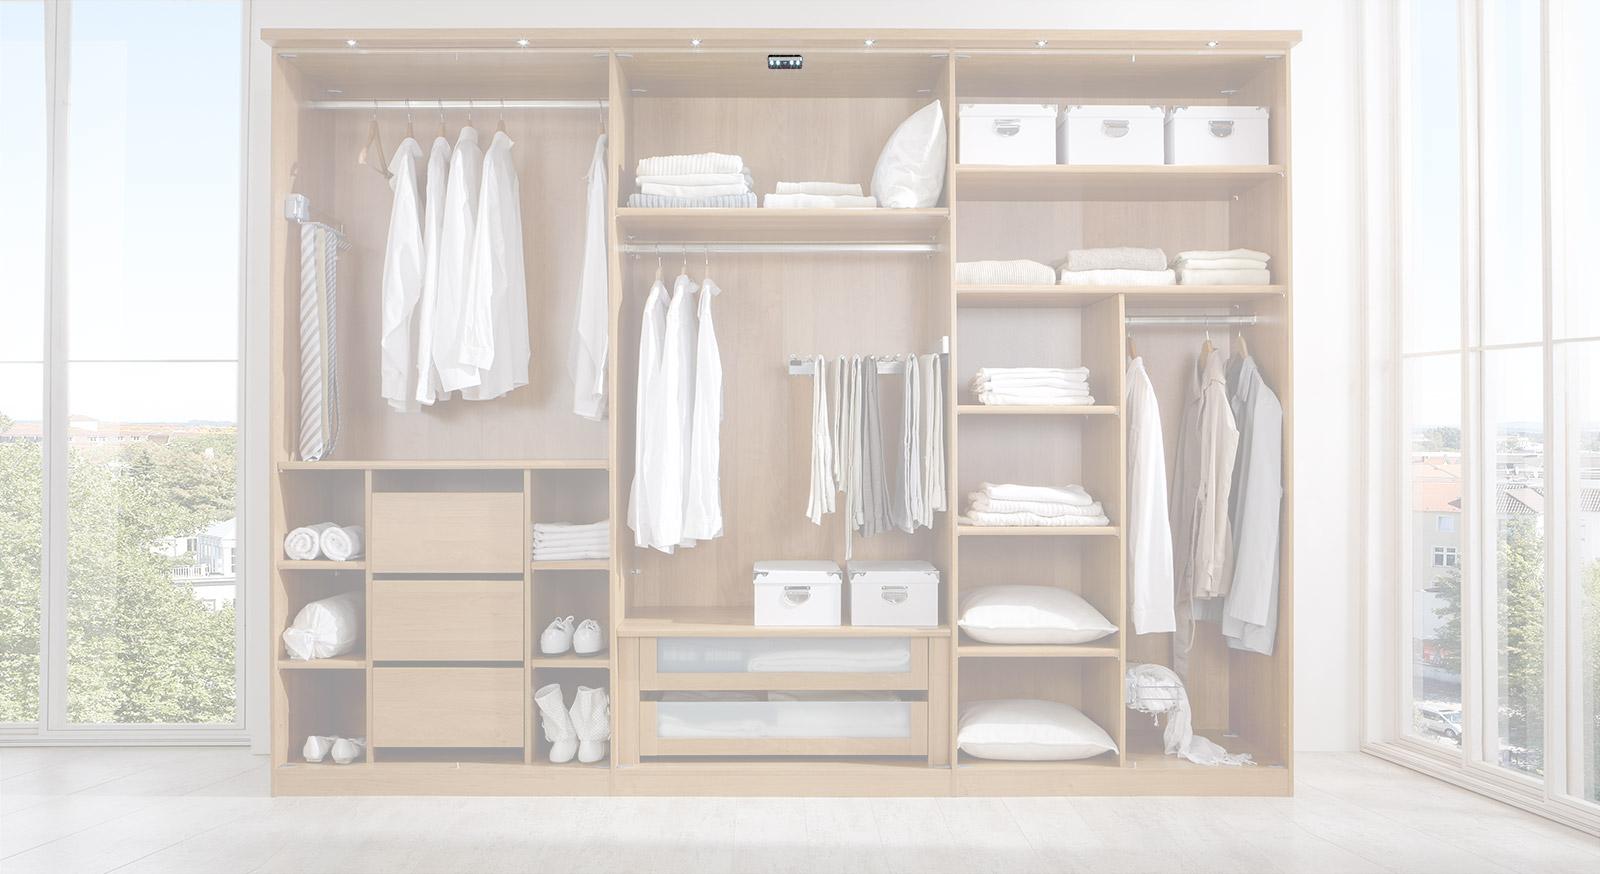 LED-Innenbeleuchtung der Innenausstattung für Kleiderschränke